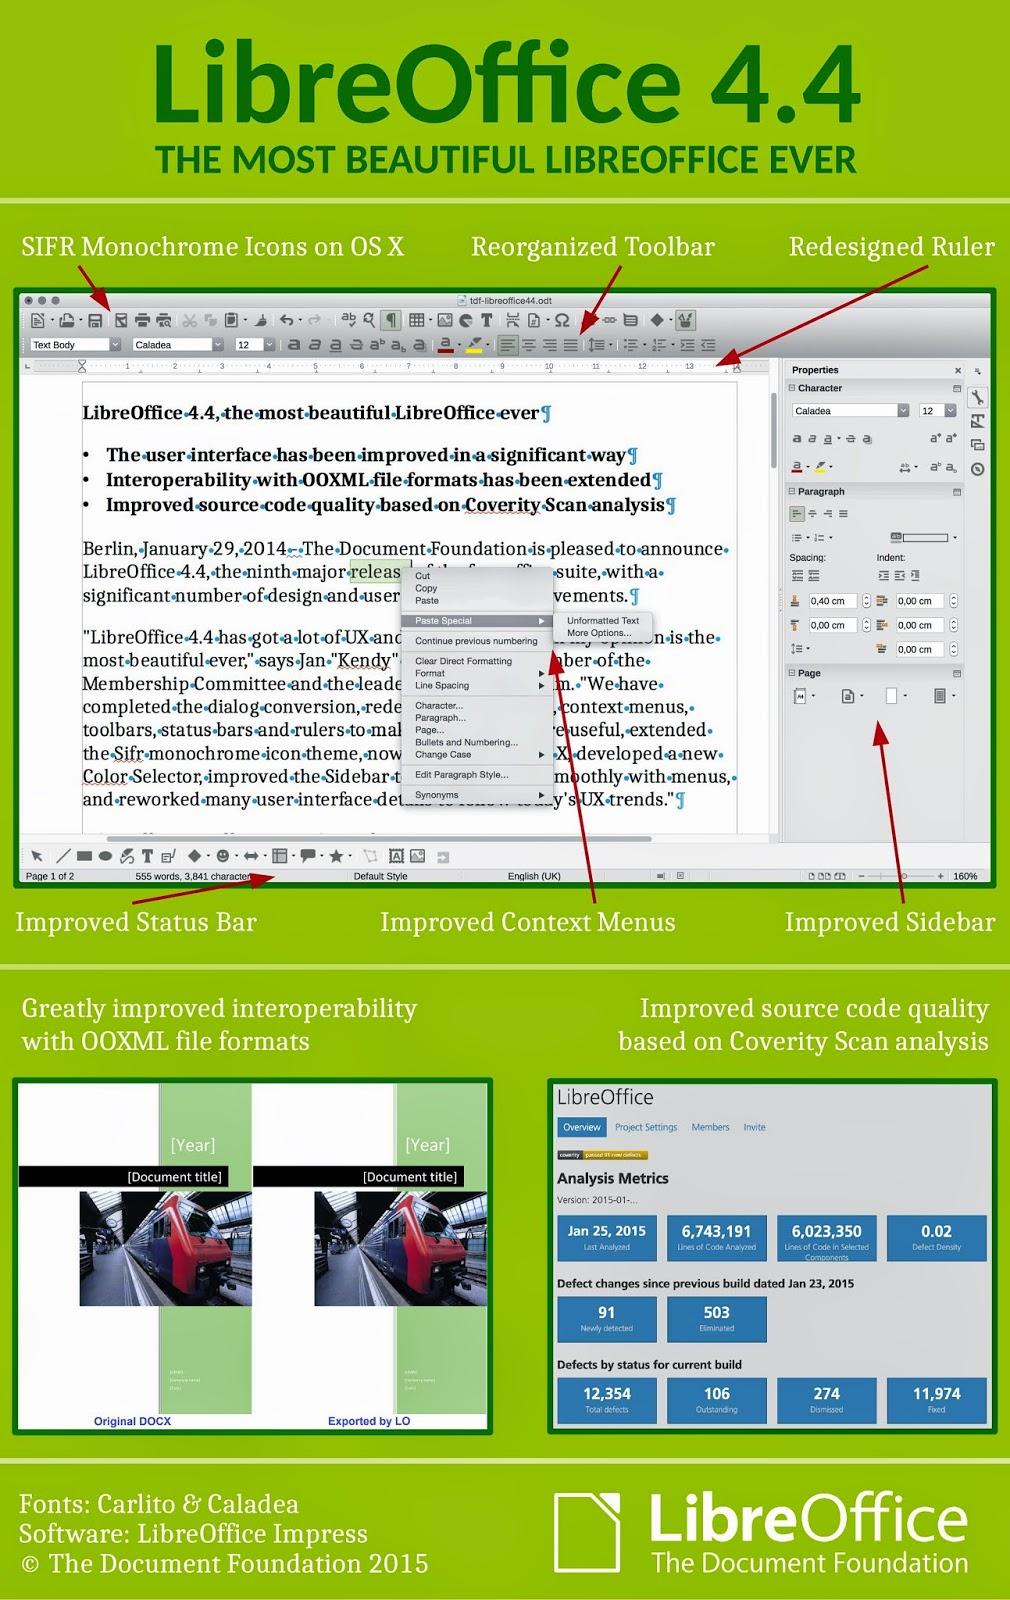 Instalar LibreOffice en Español en Manjaro, traduccur libreoffice español